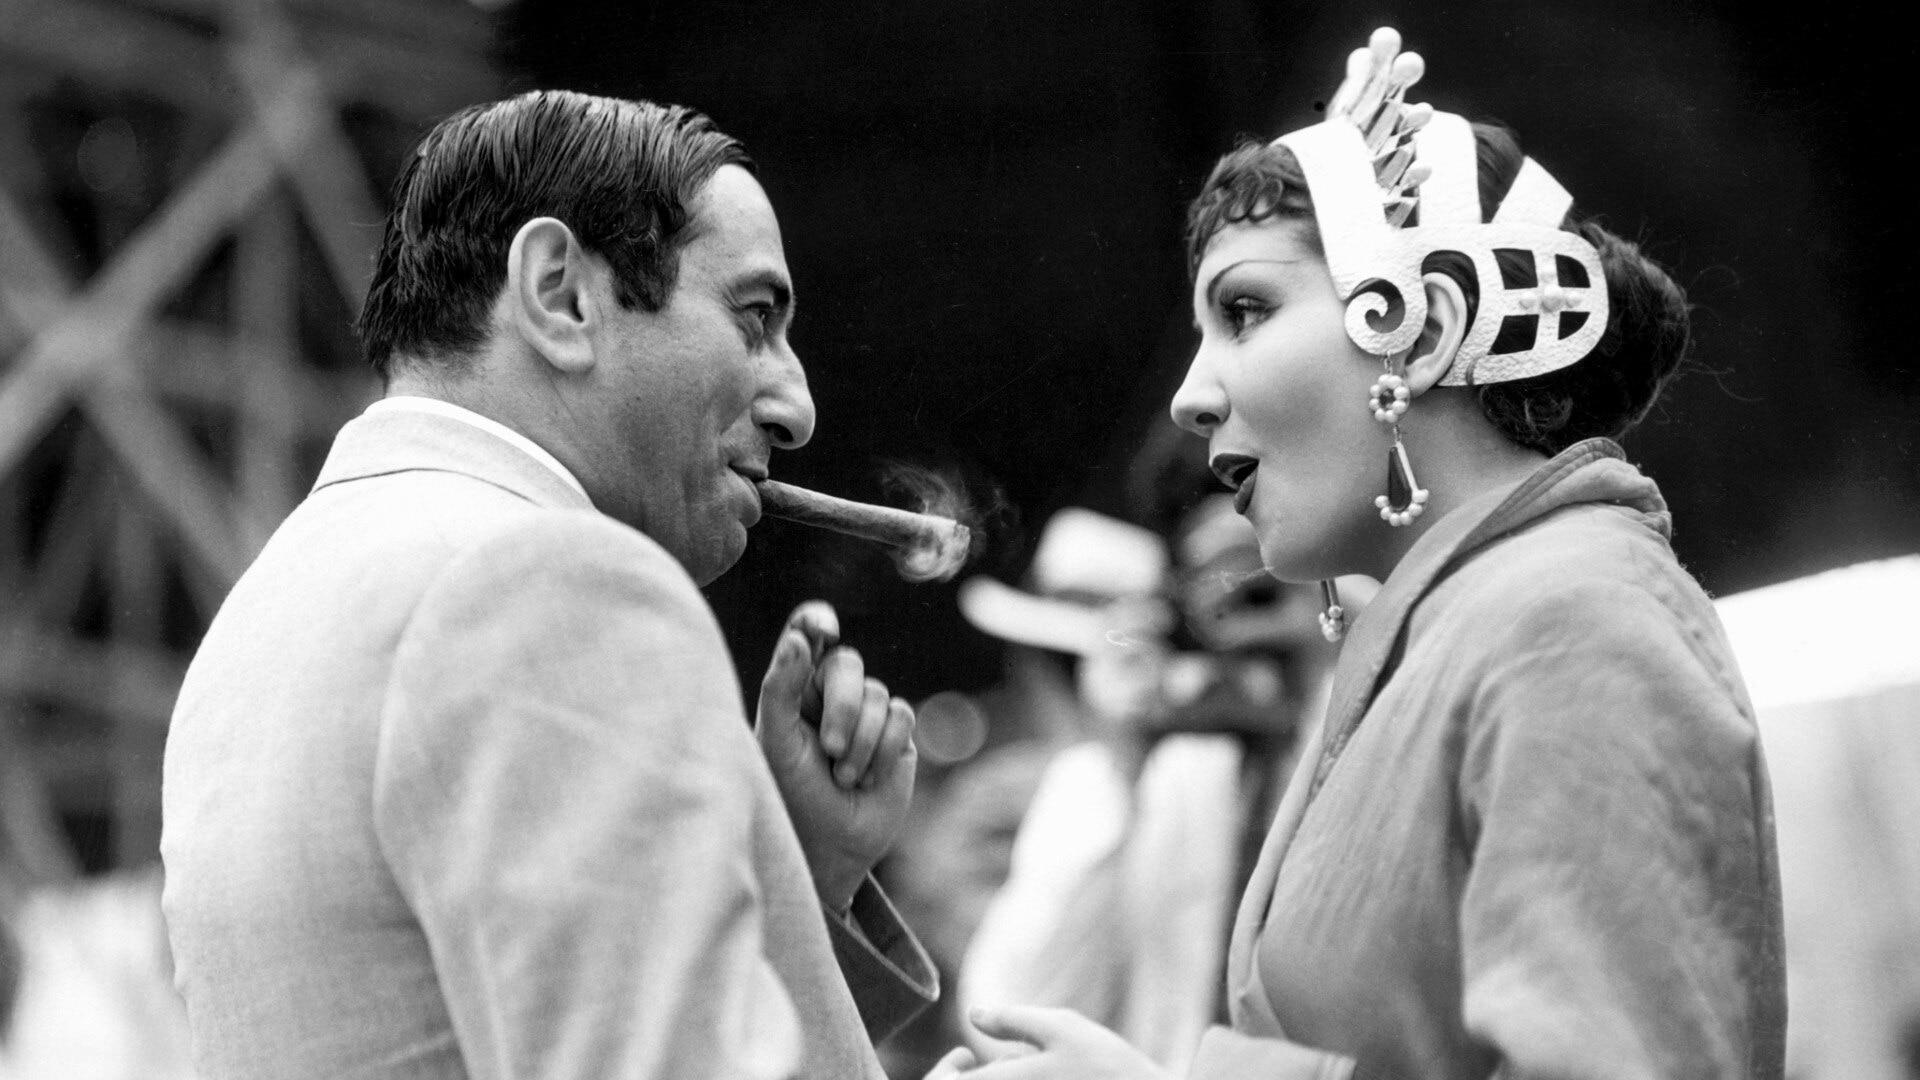 Ernst Lubitsch: The Directors